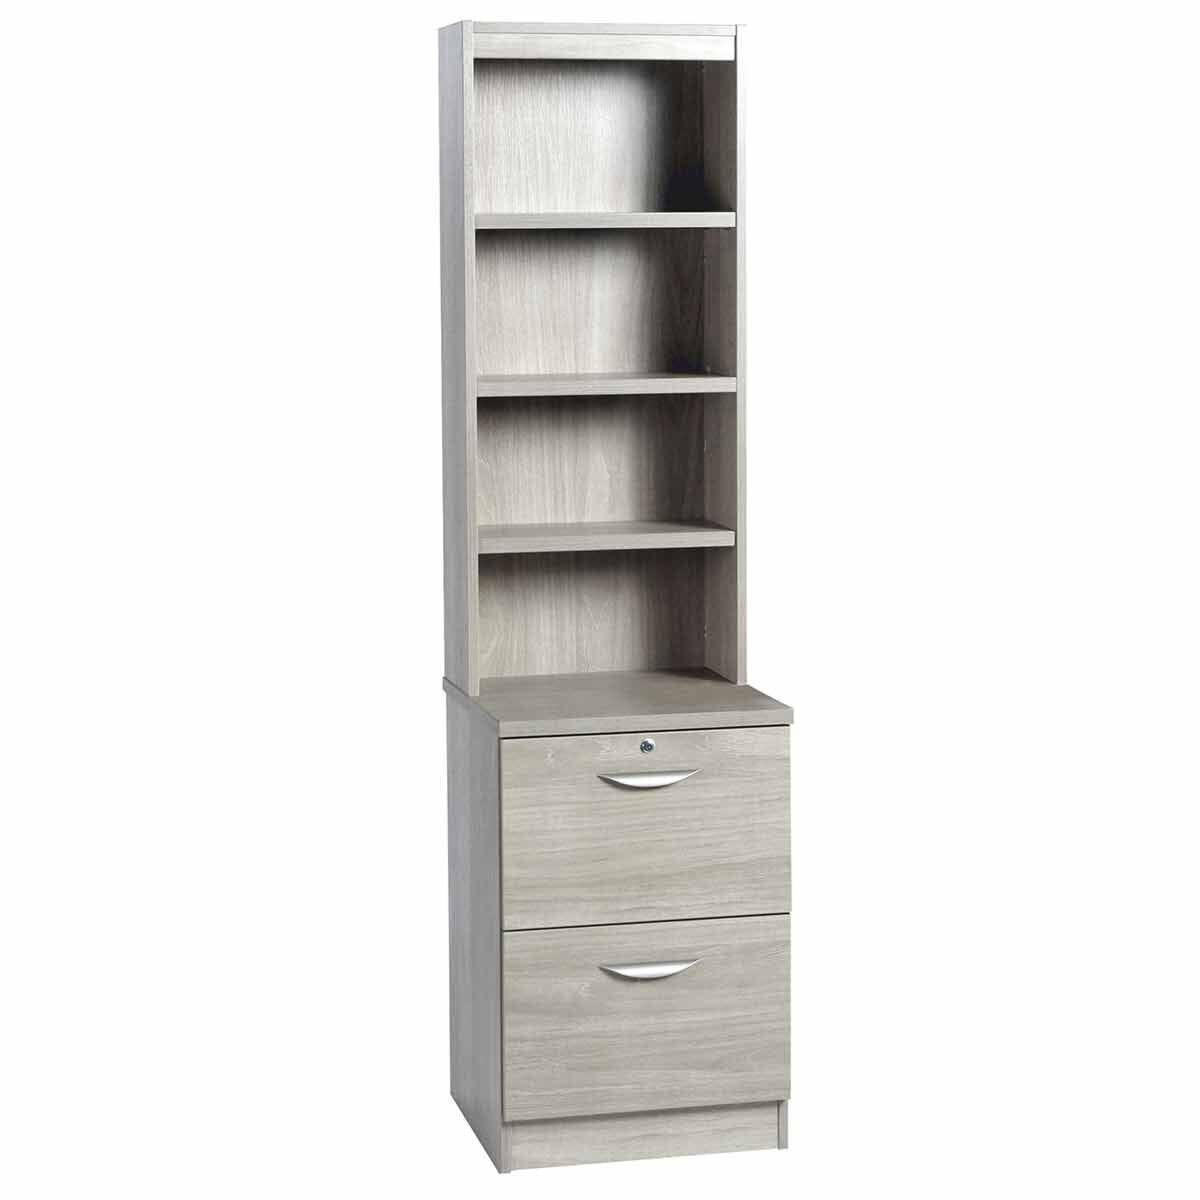 R White 2 Drawer Filing Cabinet With Overshelving Grey Nebraska